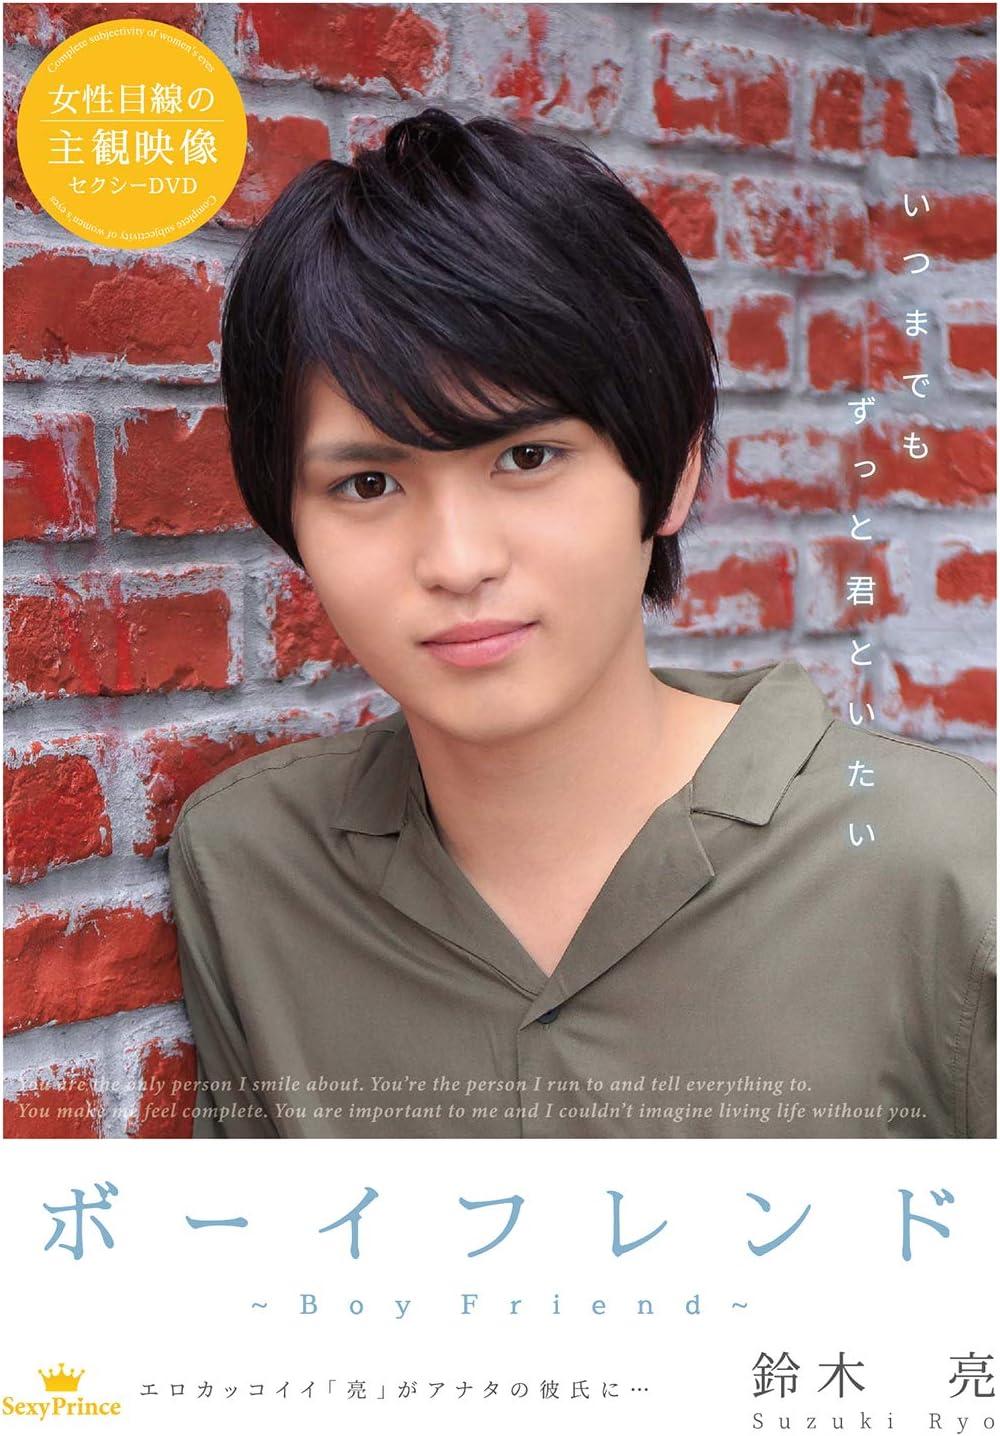 た すずき りょう 鈴木亮平 (俳優)